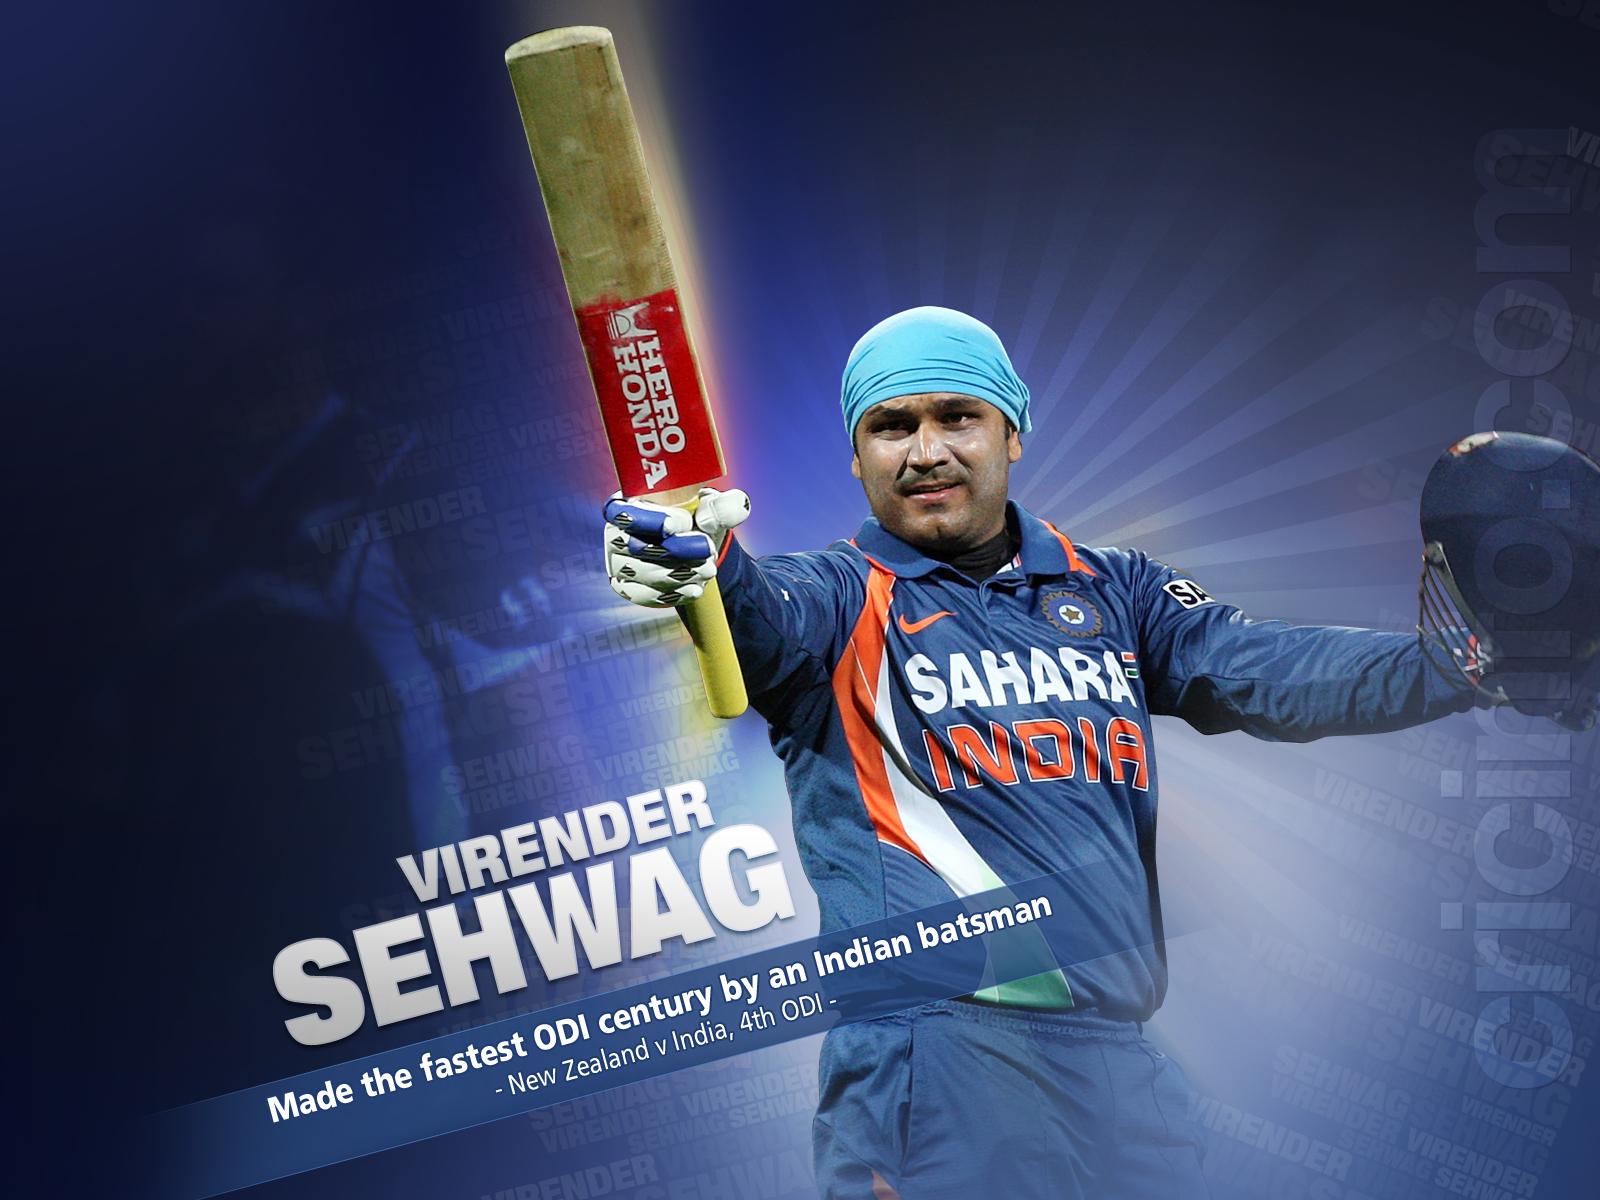 http://2.bp.blogspot.com/-yhyAVNZXw7Q/UFRiAYY3EfI/AAAAAAAABXU/cwUoc_nW4q4/s1600/india-cricket-team-wallpaper+%284%29.jpg